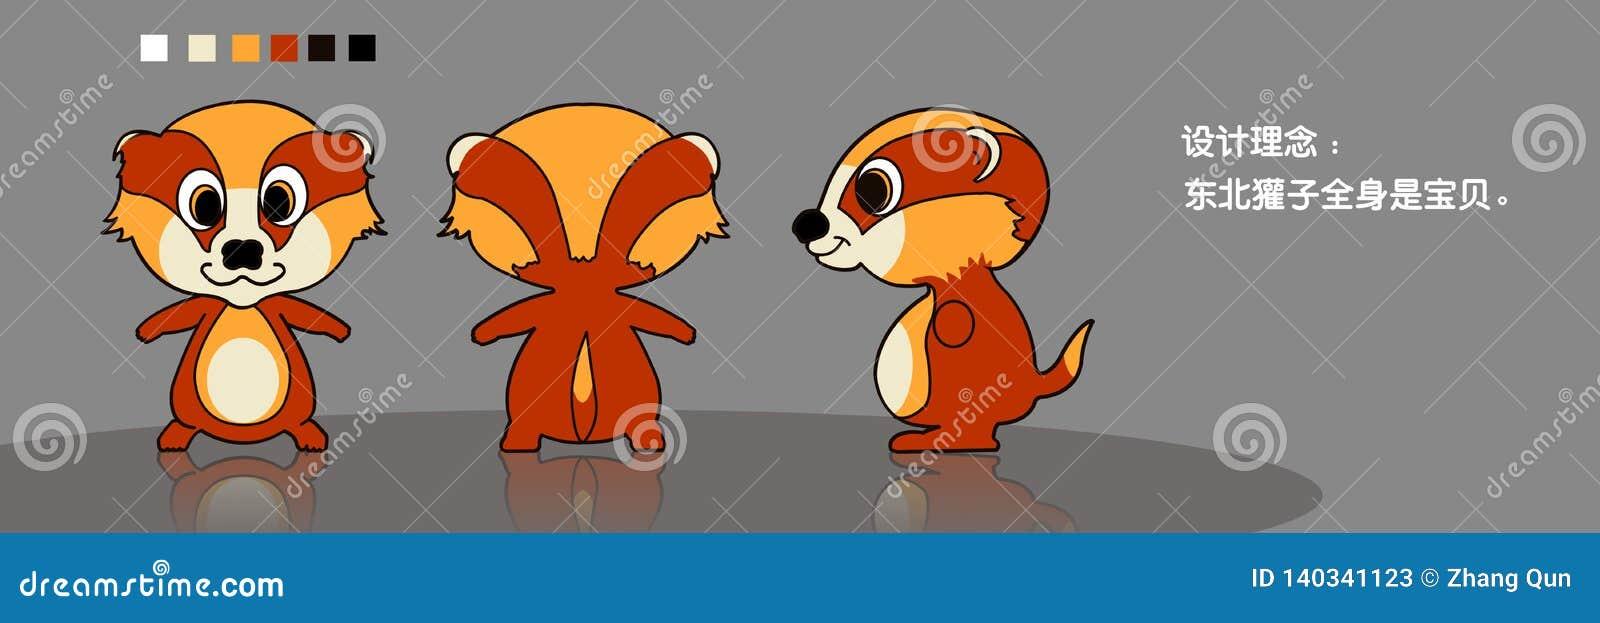 动物鬣狗Q版本动画片三视图